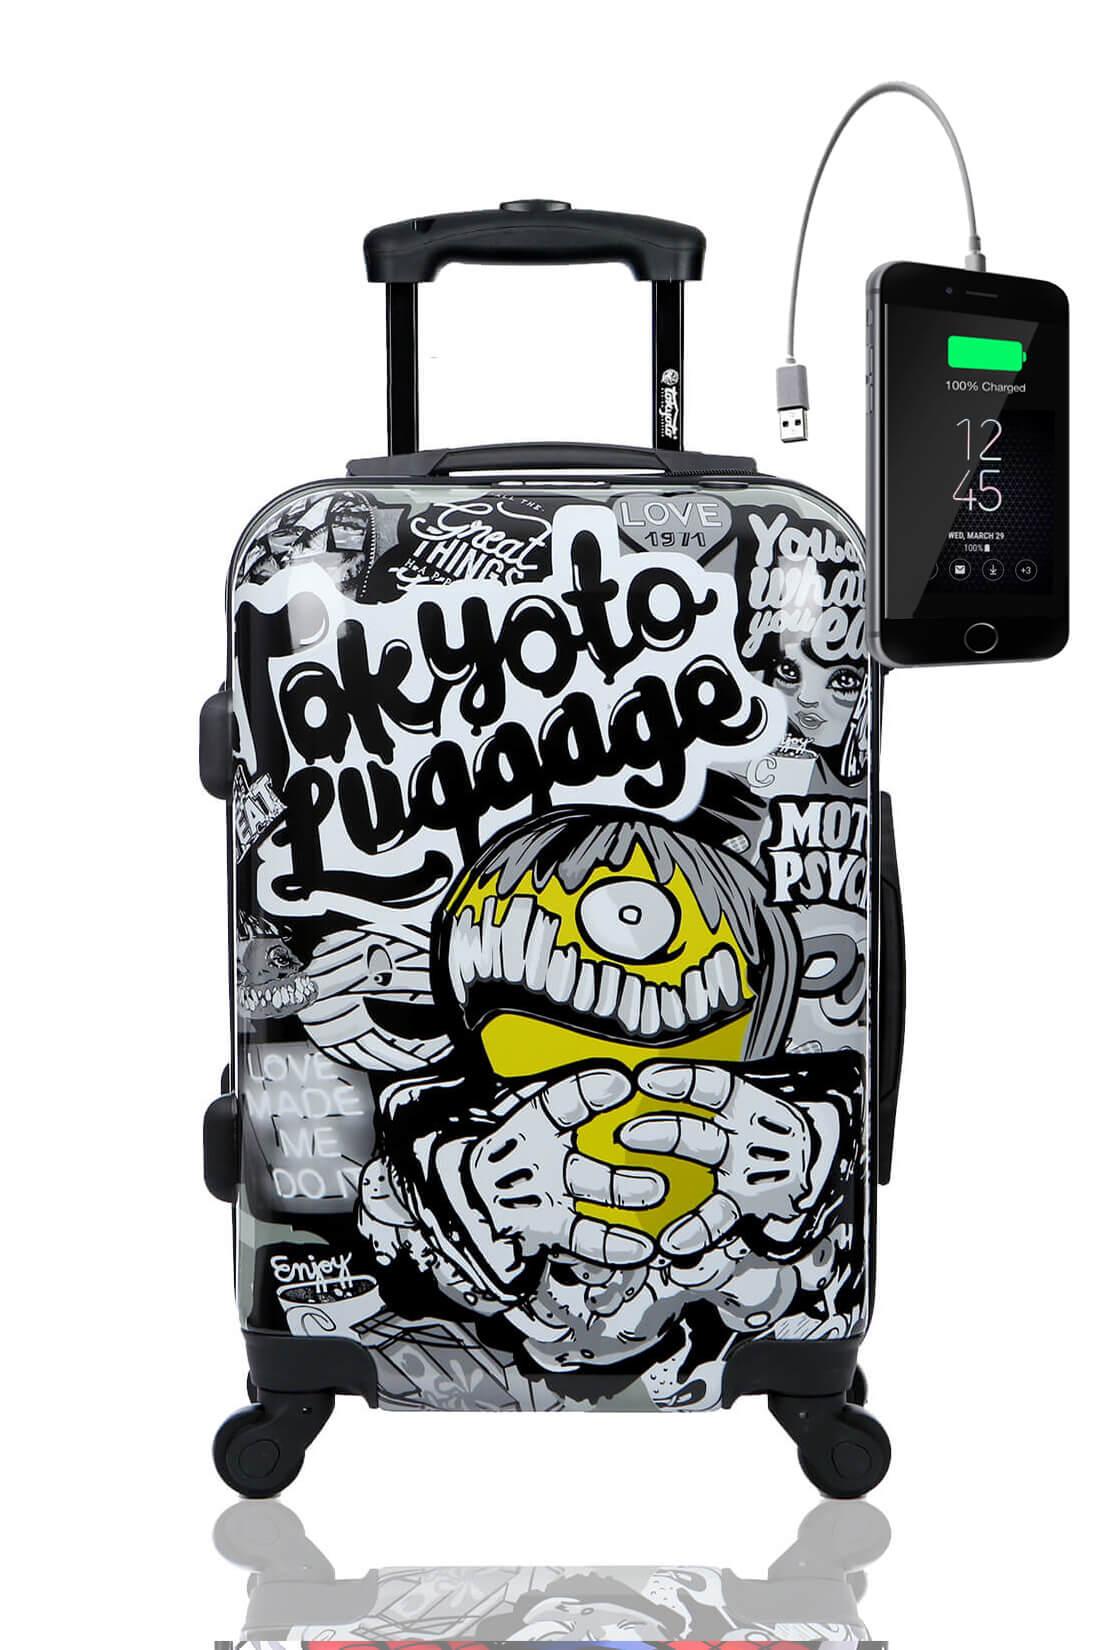 Kindertrolley Kindergepäck Reisekoffer Hartschalen-Koffer Trolley Rollkoffer Reisekoffer mit TSA-Schloss und 4 Rollen MAD COOL